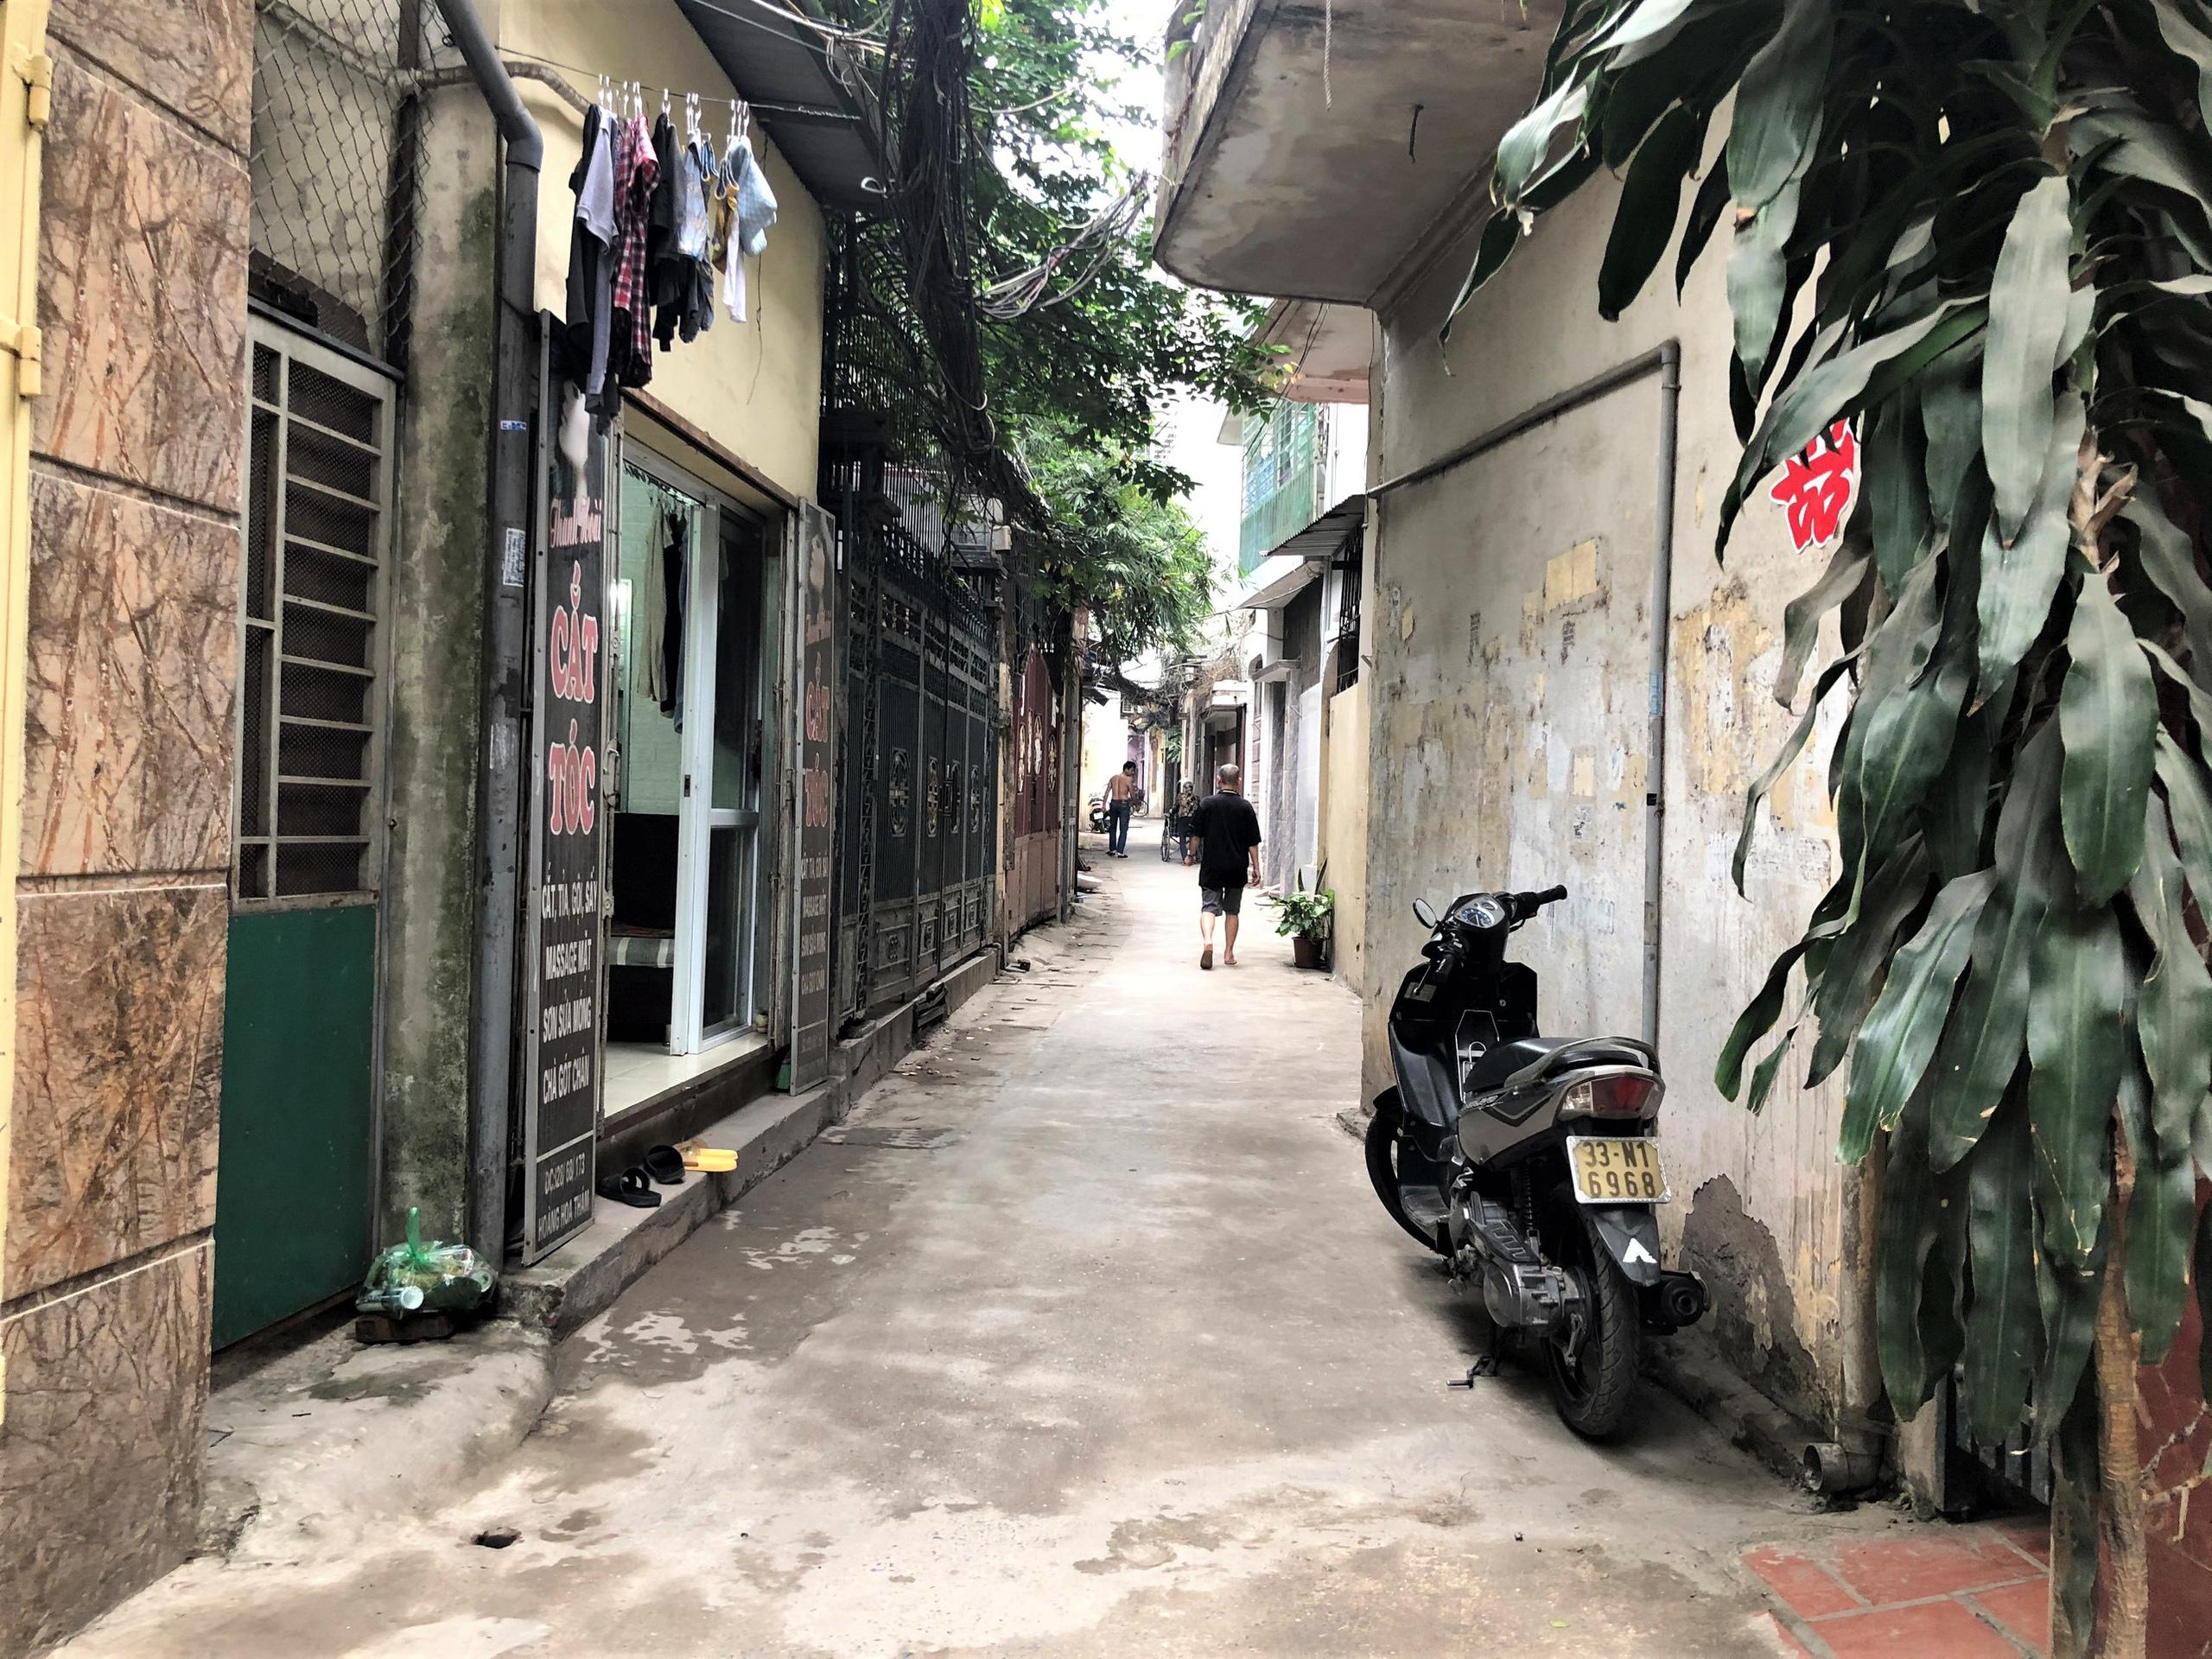 Đường sắp mở theo quy hoạch ở phường Ngọc Hà, Ba Đình, Hà Nội (phần 2): Đường nối ngõ 279 Đội Cấn - phố Ngọc Hà  - Ảnh 3.